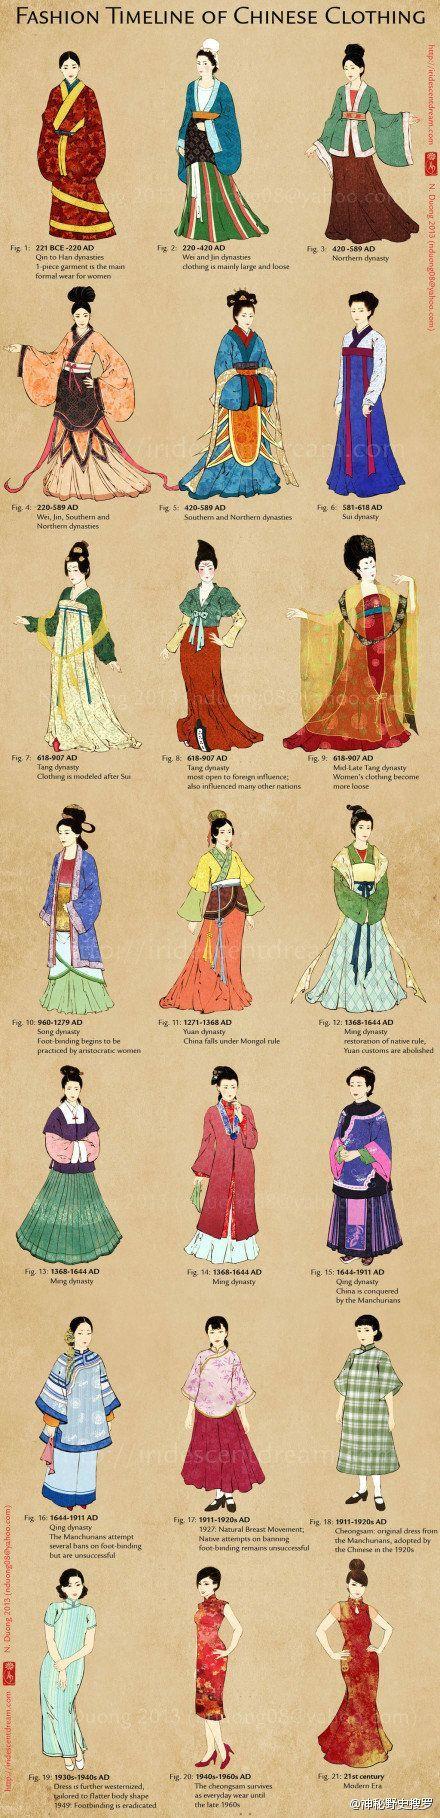 Mehr Wissen Über Die Chinesische Traditionelle Kleidung - http://deutschstyle.com/2016/11/25/mehr-wissen-uber-die-chinesische-traditionelle-kleidung.html